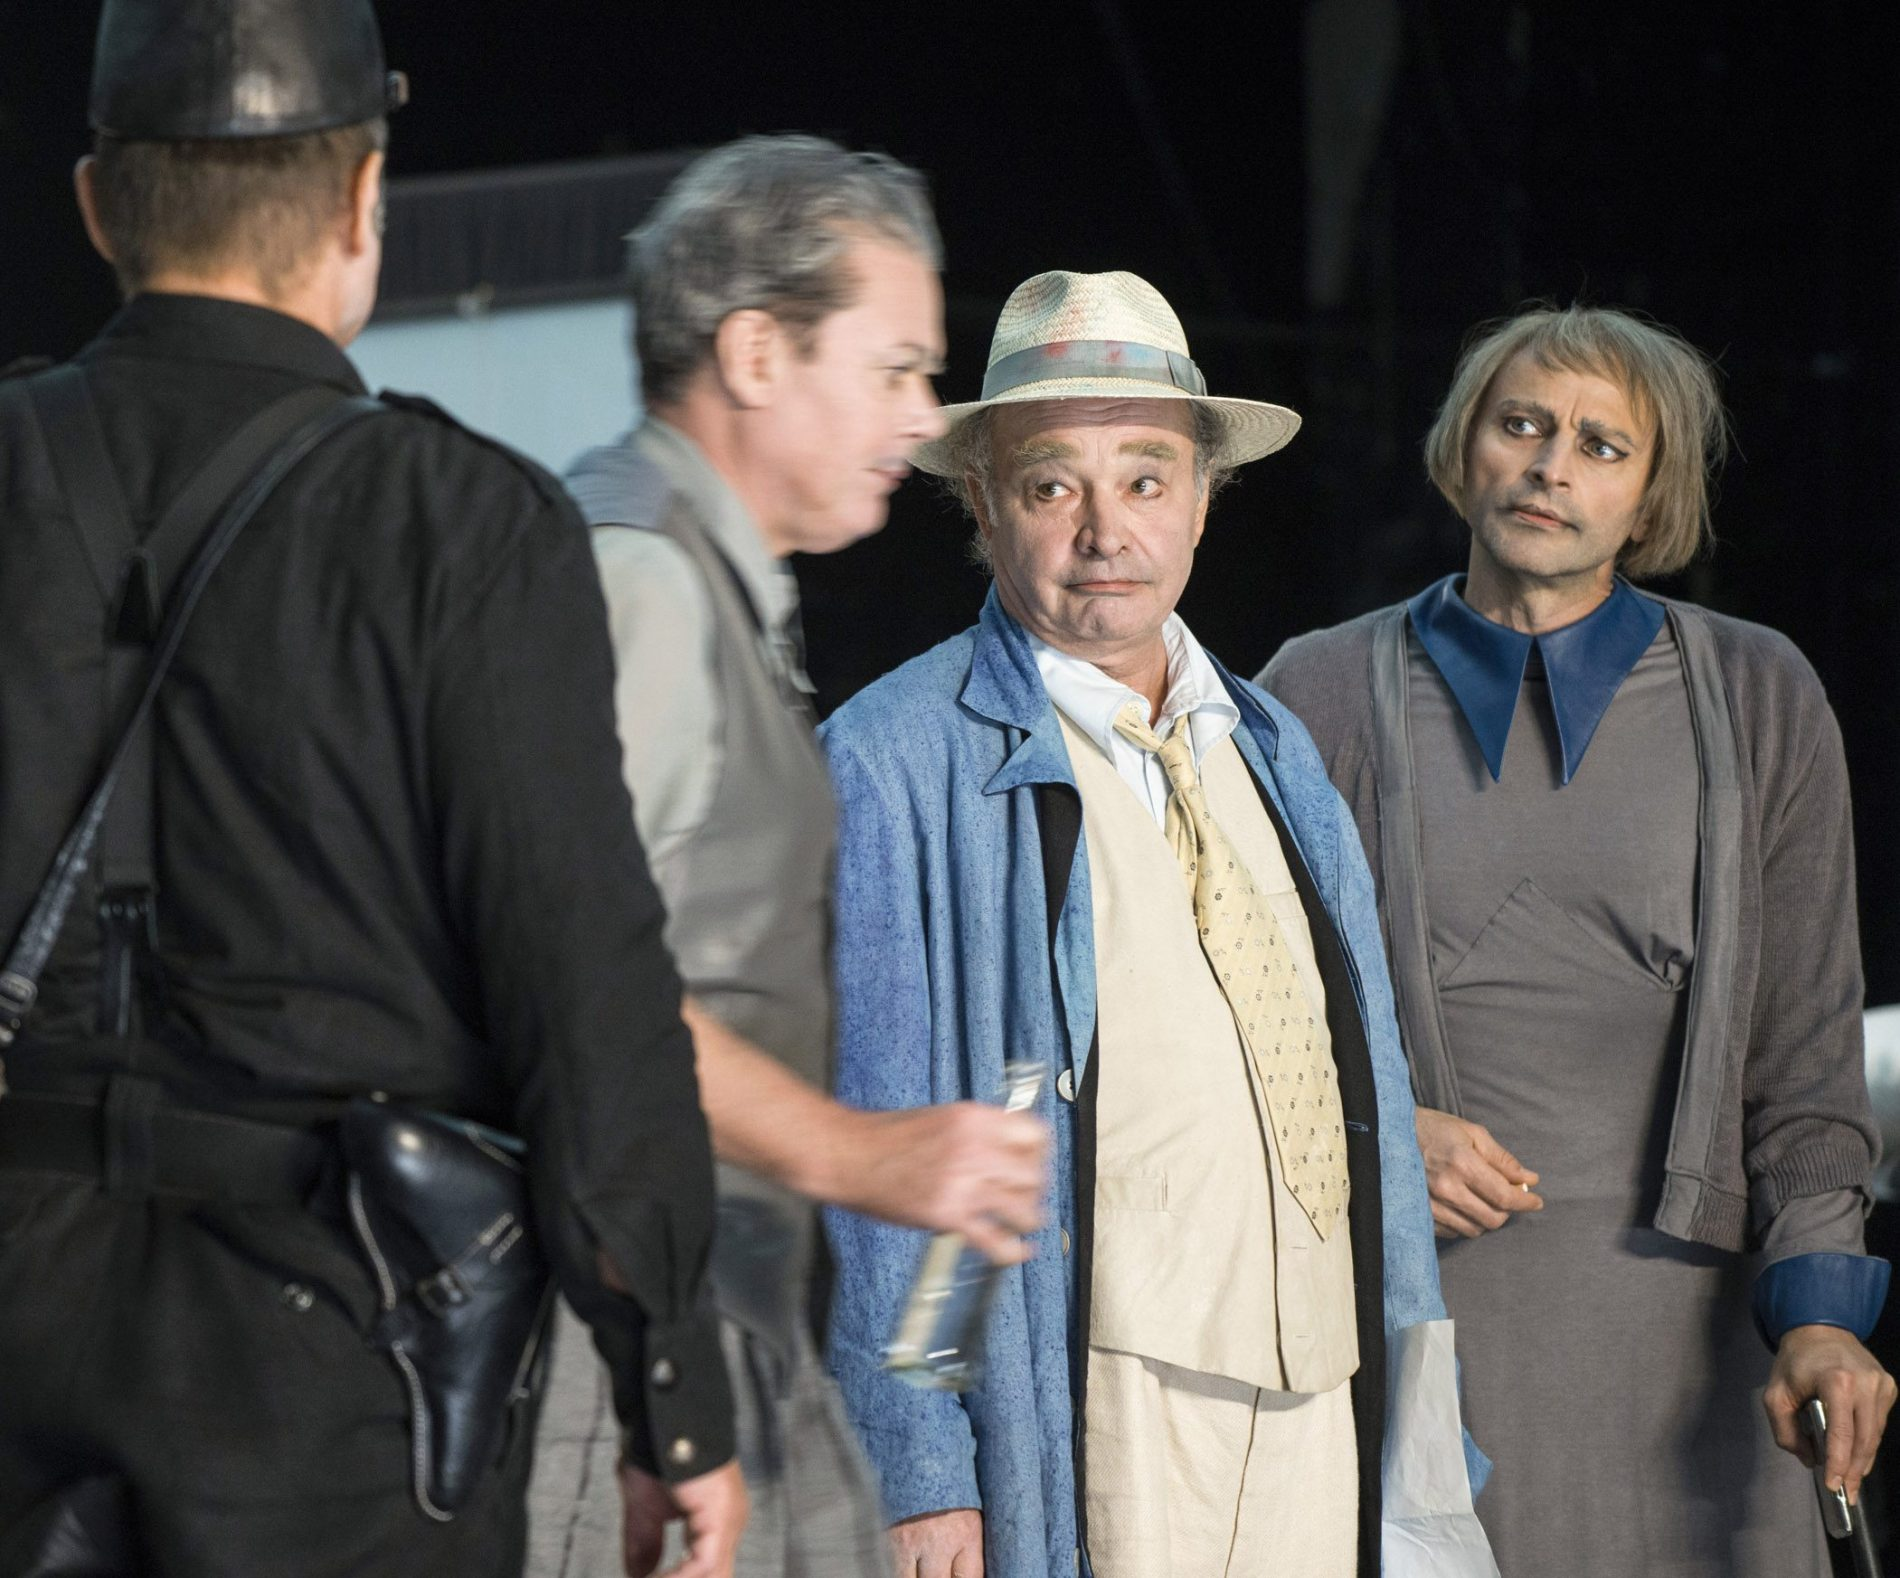 mit Achim Nimtz, Martin Schneider, Martin Seifert